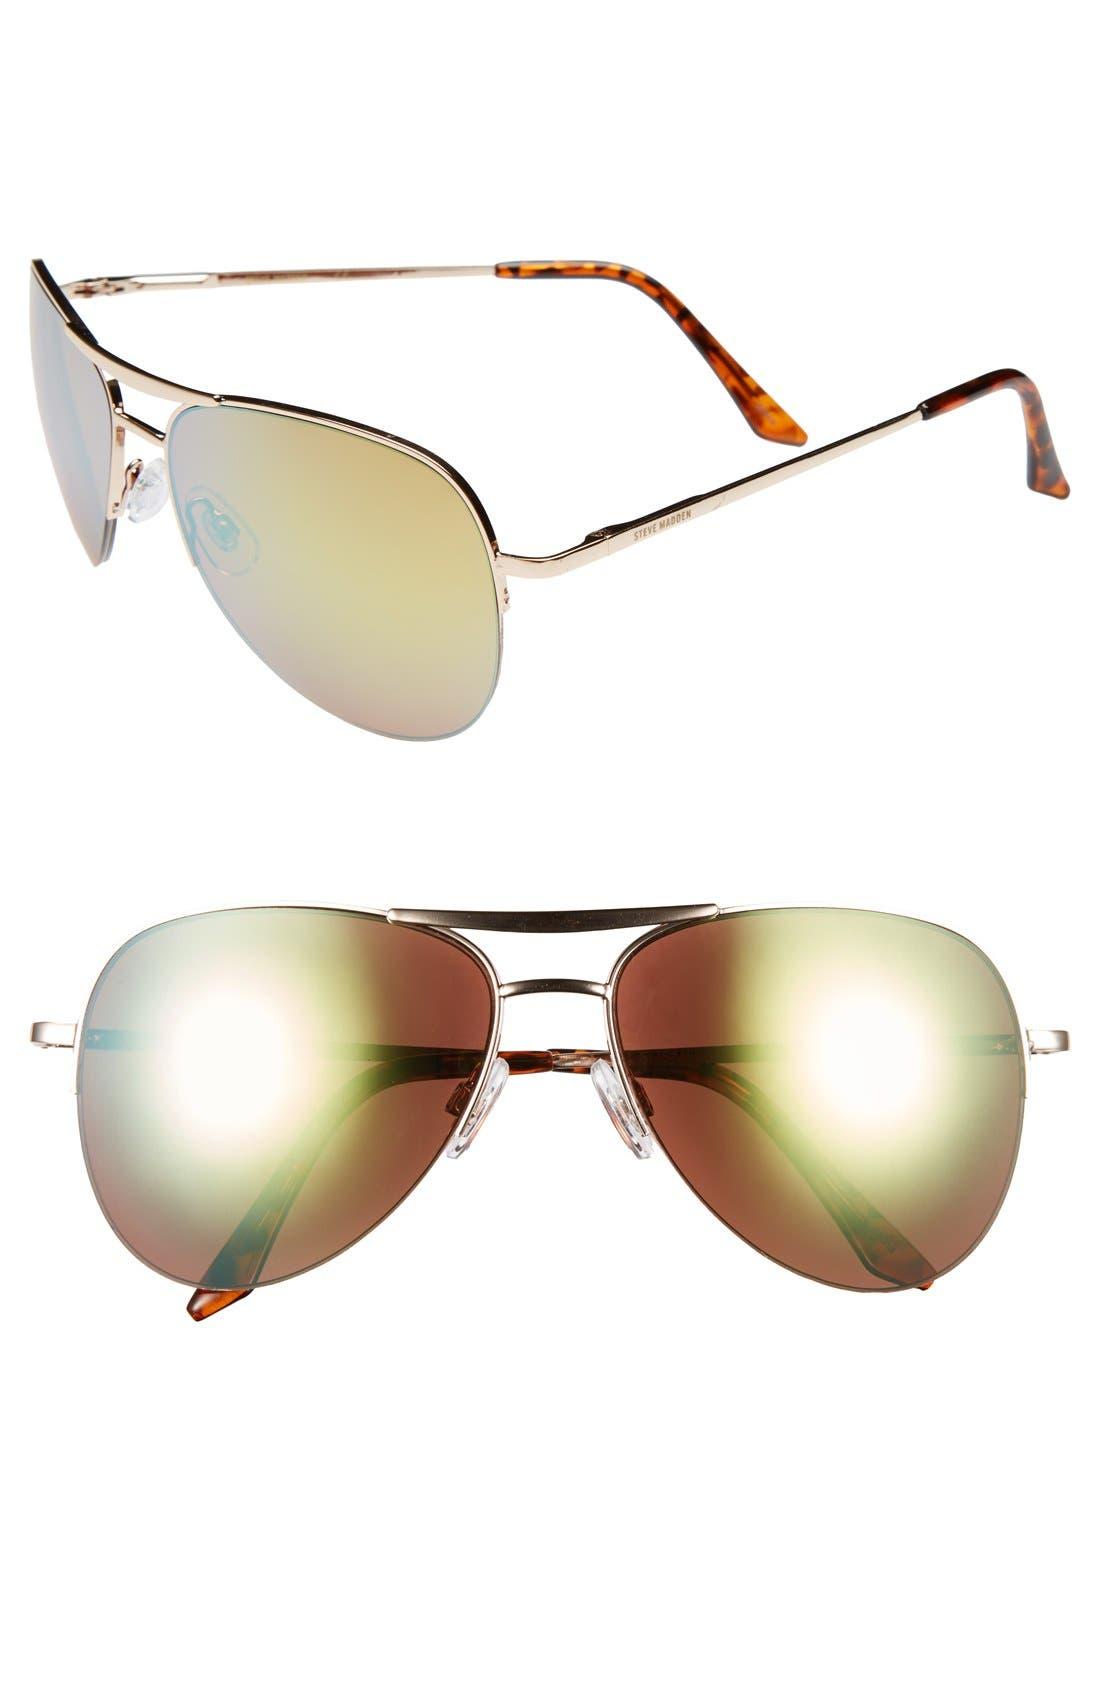 Alternate Image 1 Selected - Steve Madden Semi Rimless 55mm Aviator Sunglasses